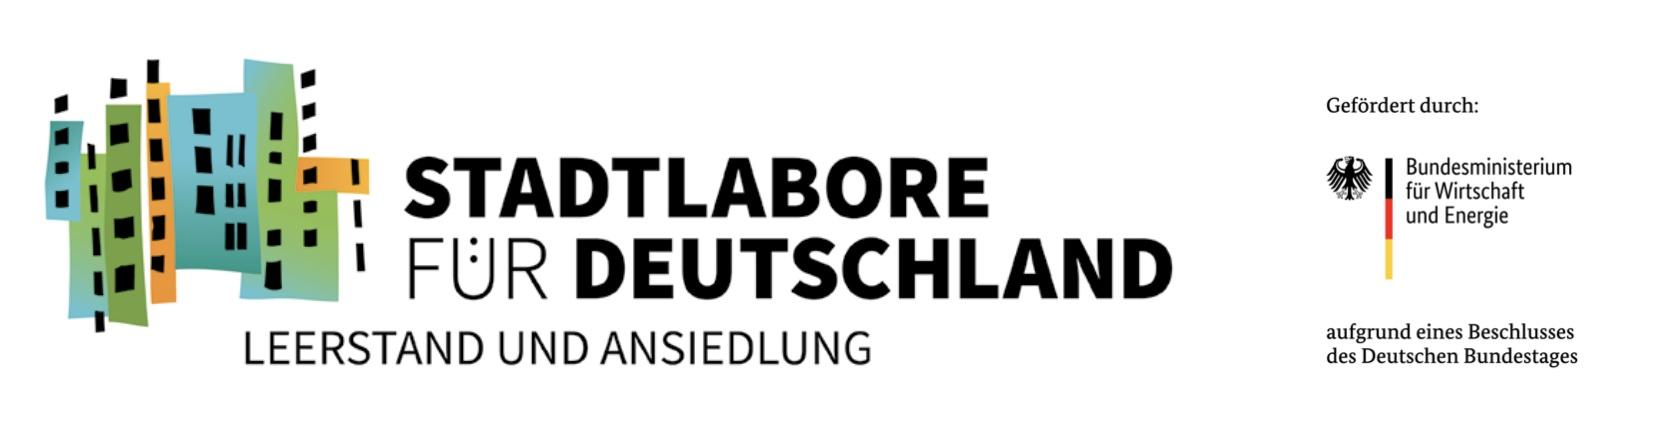 Stadtlabore für Deutschland